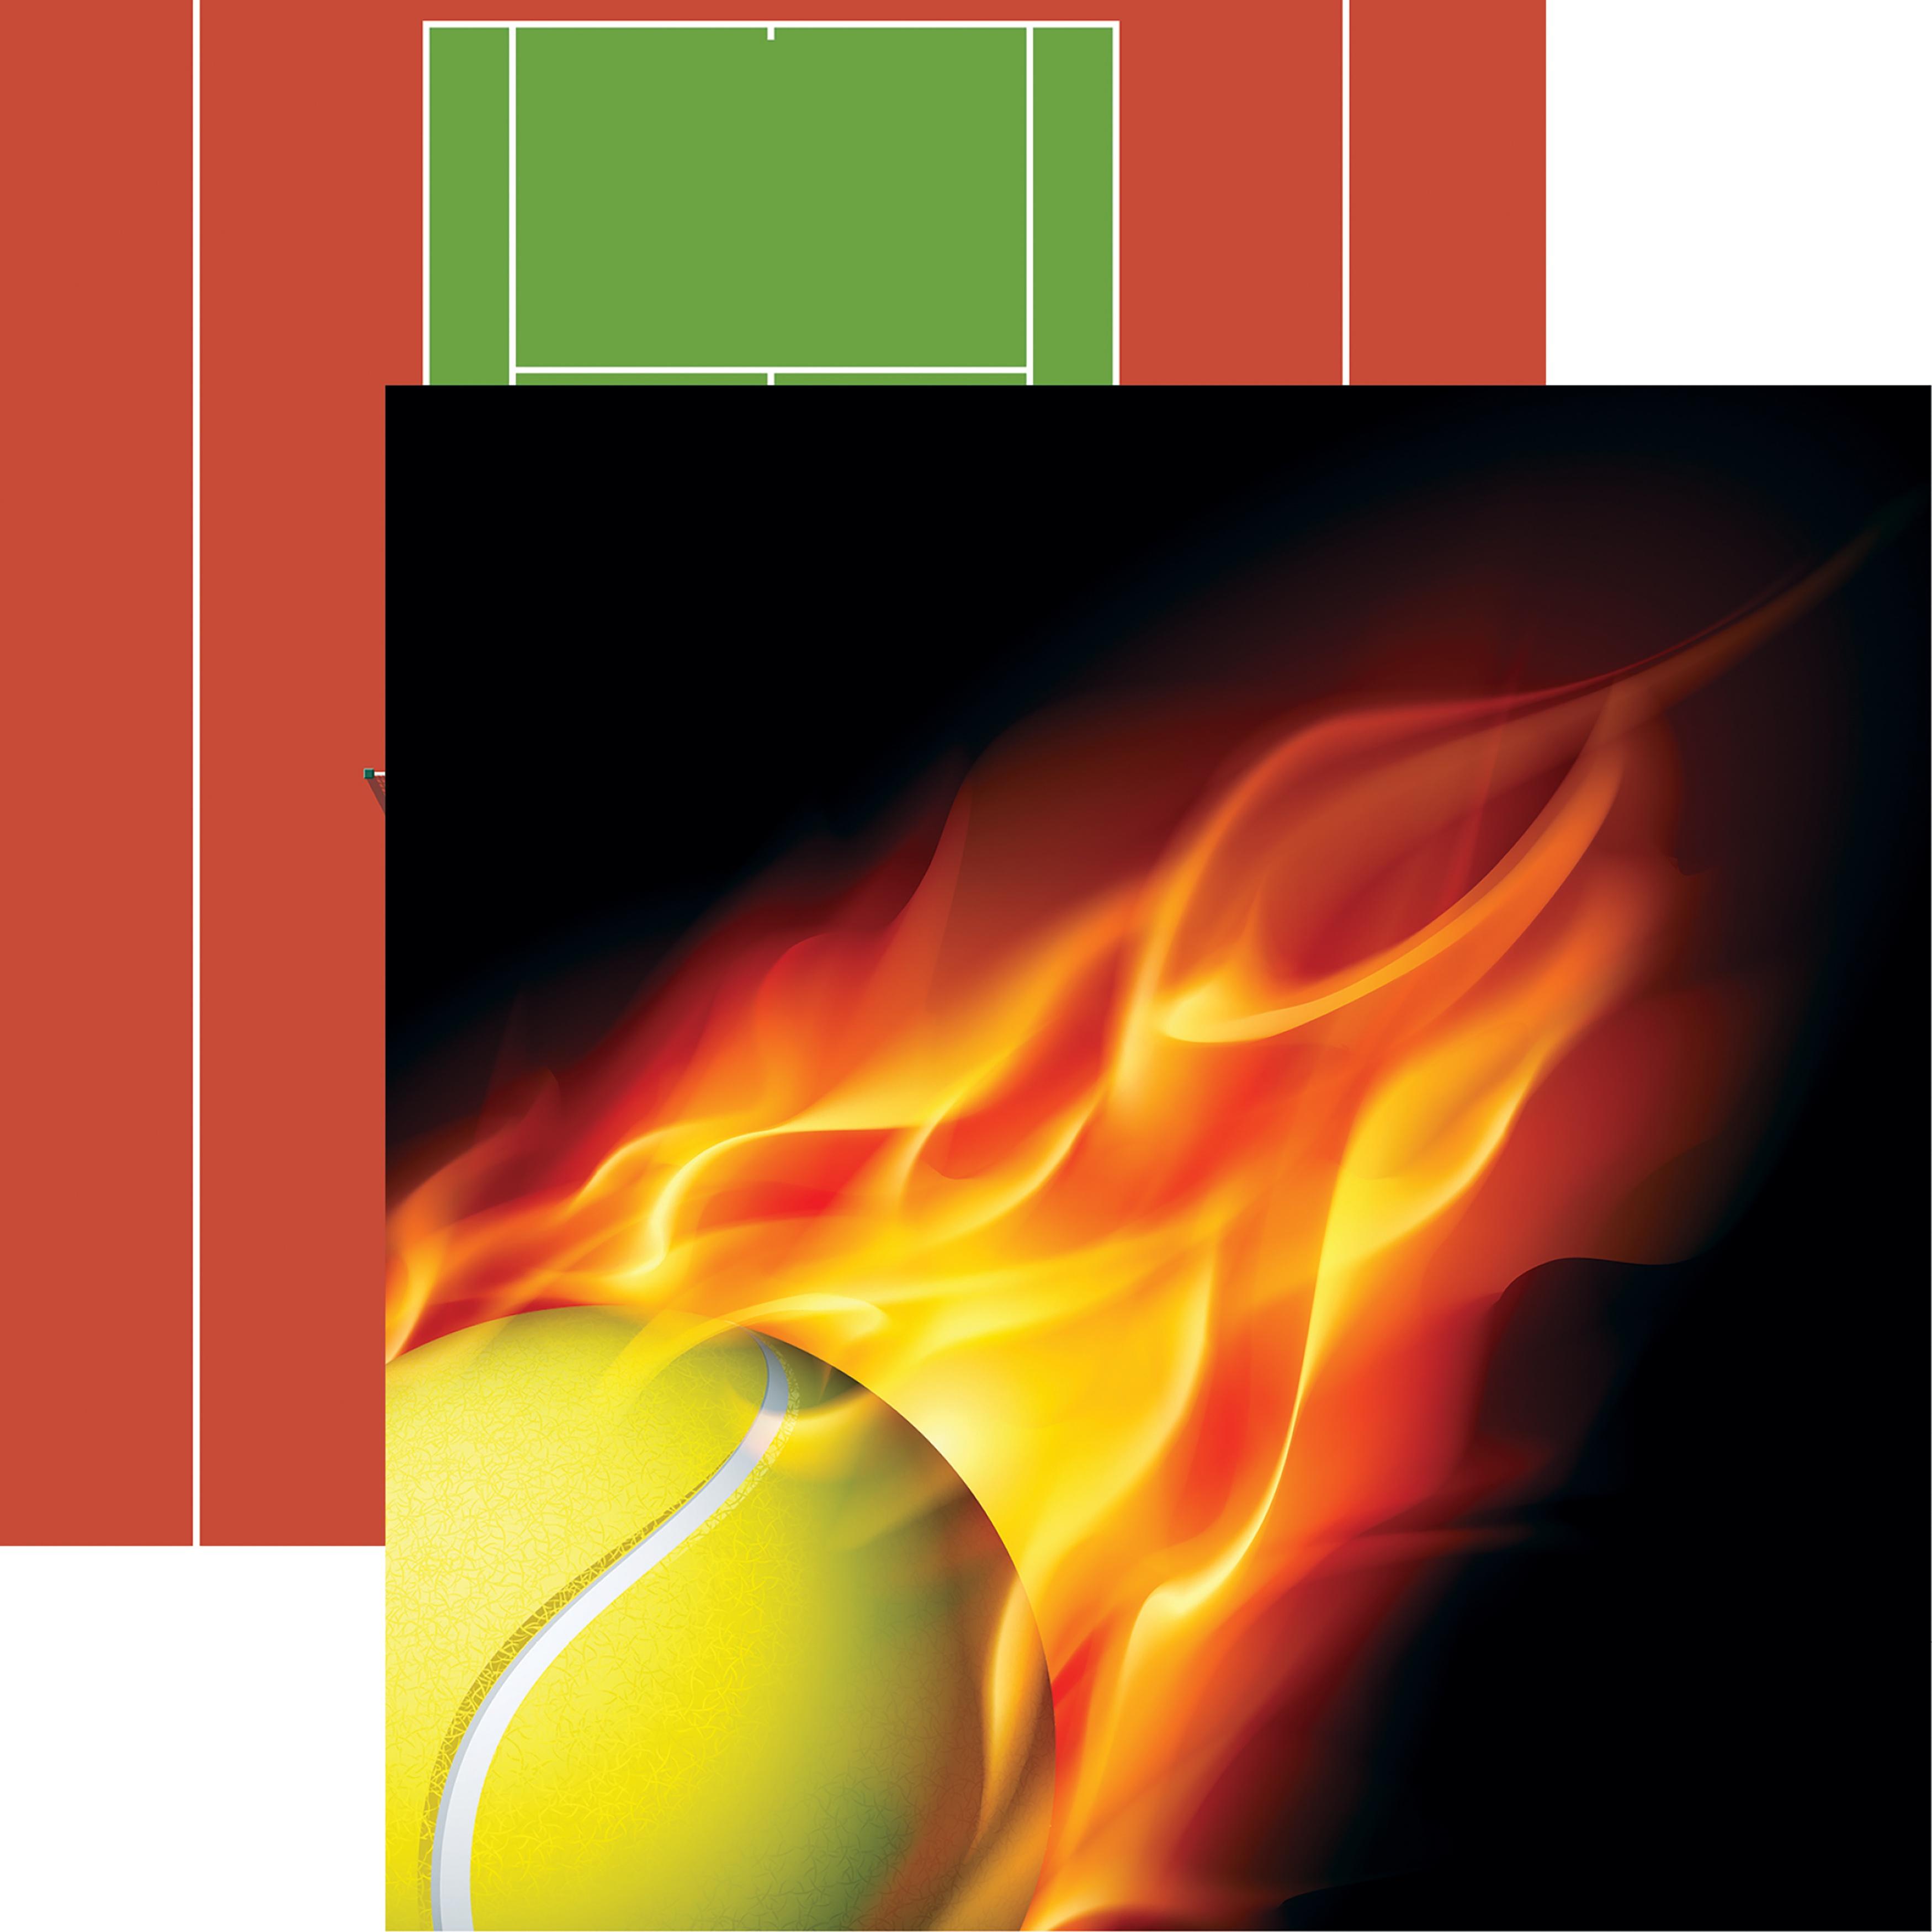 PPR - TENNIS HOT SHOT